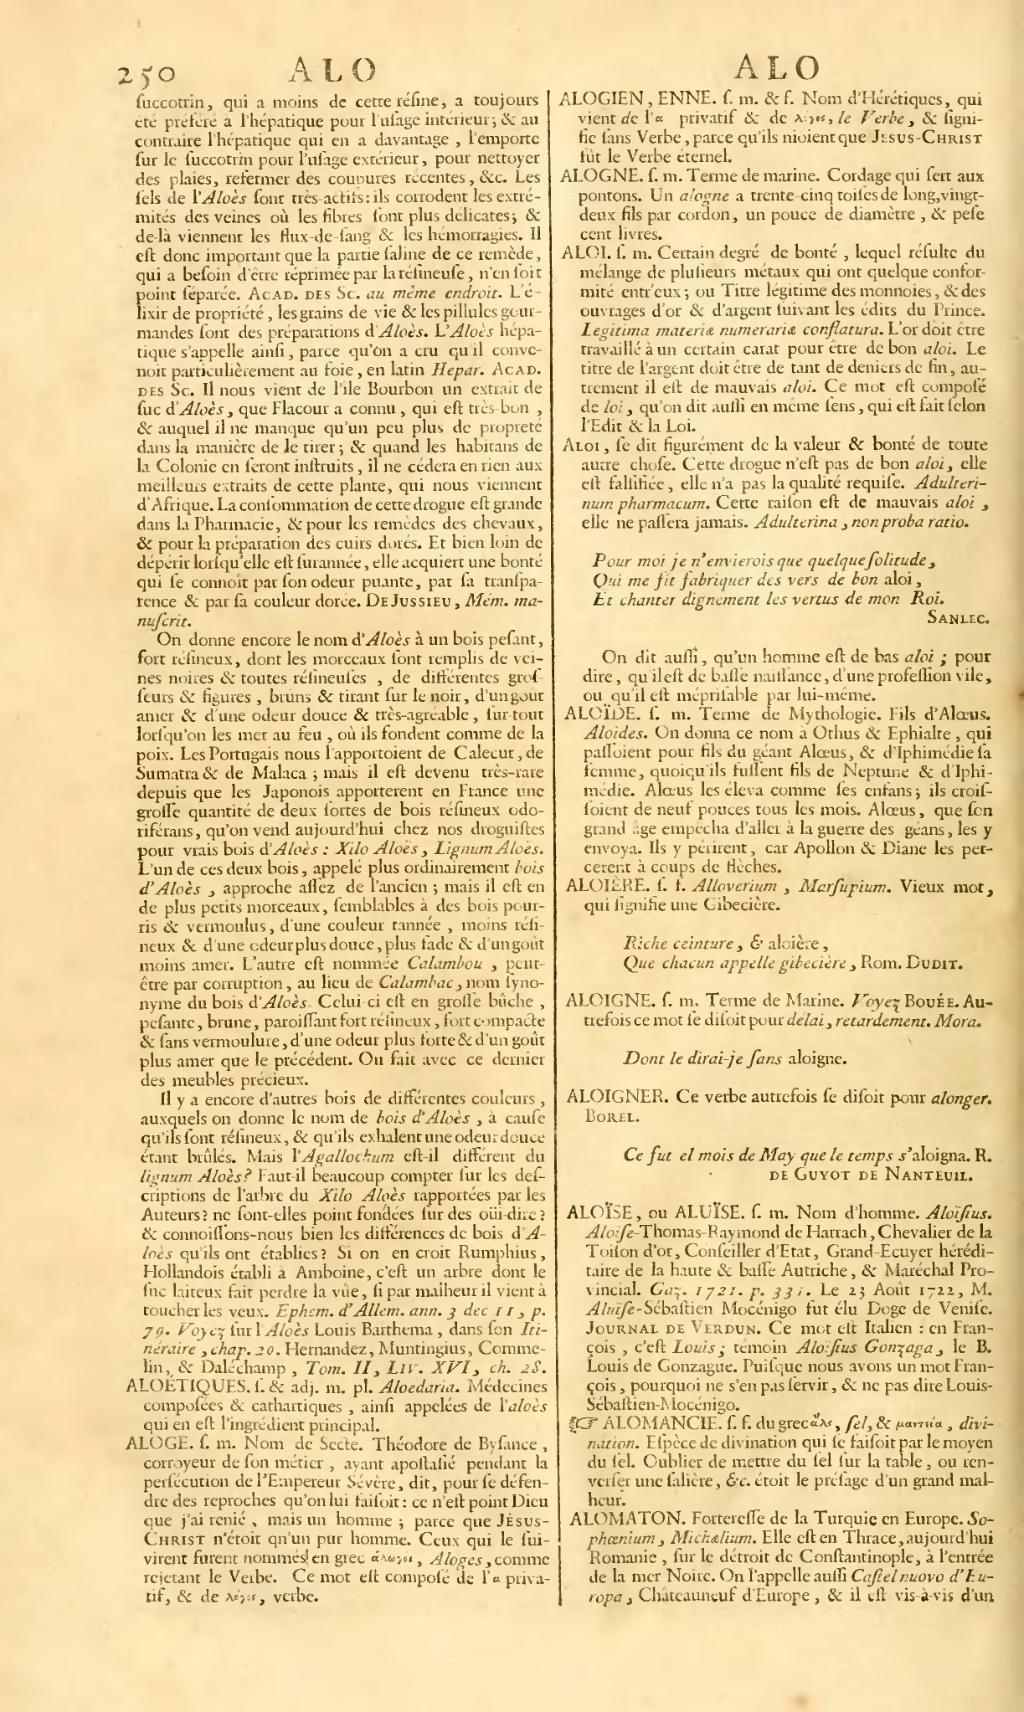 page dictionnaire de tr voux 1771 wikisource. Black Bedroom Furniture Sets. Home Design Ideas